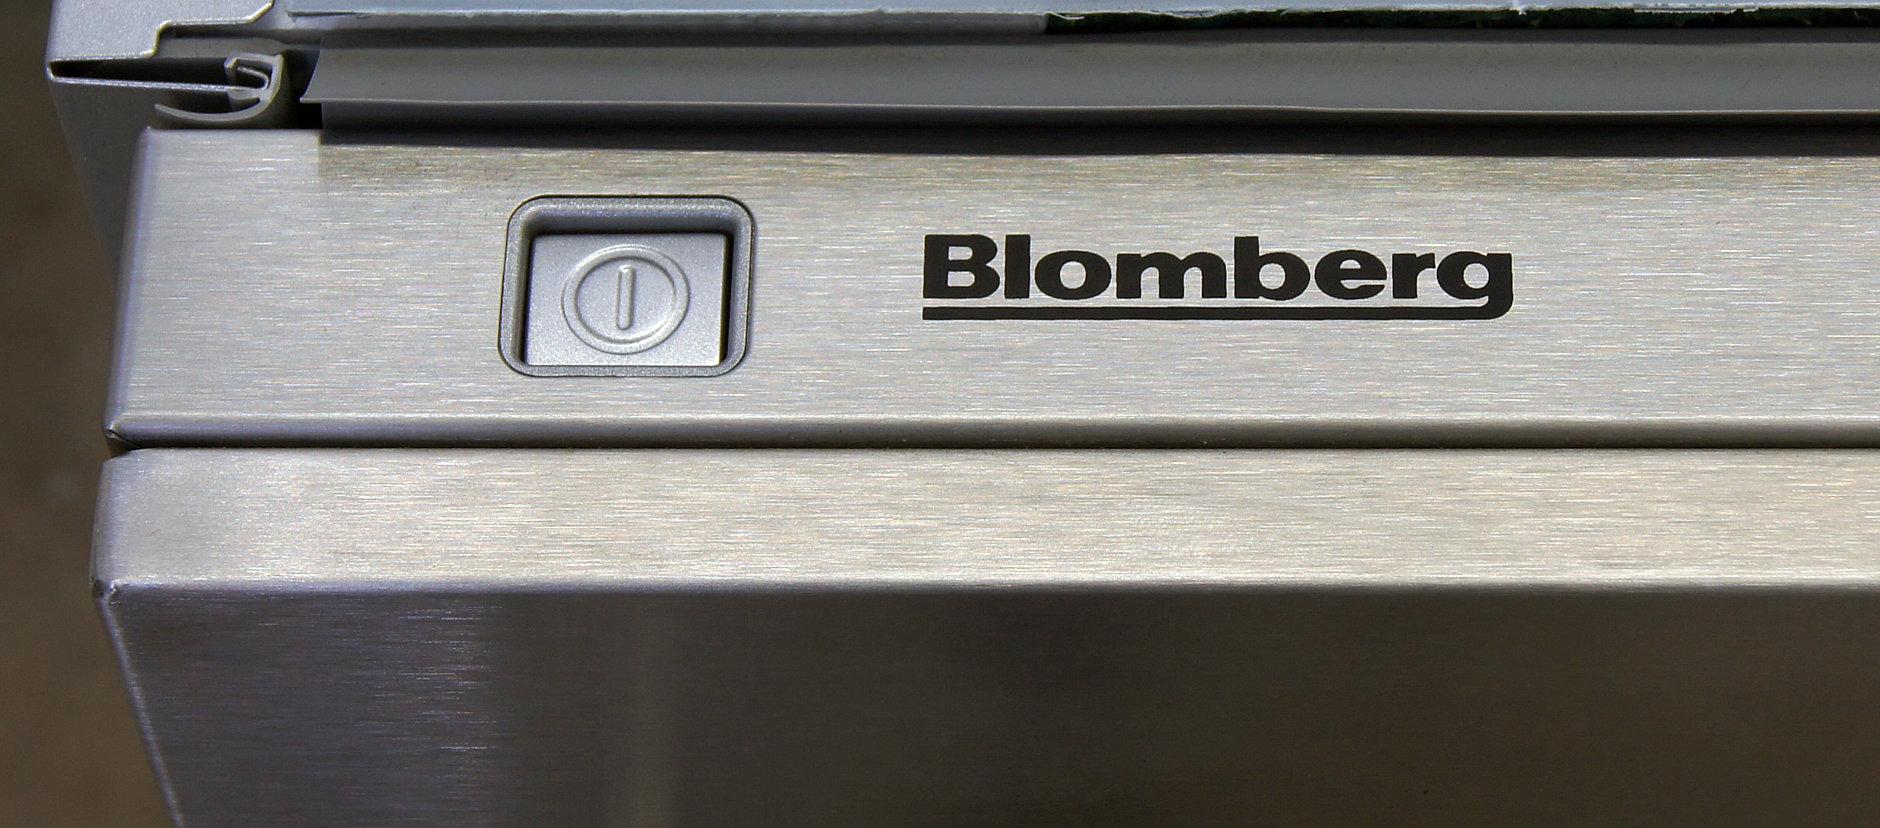 Blomberg DWT57500SS power button